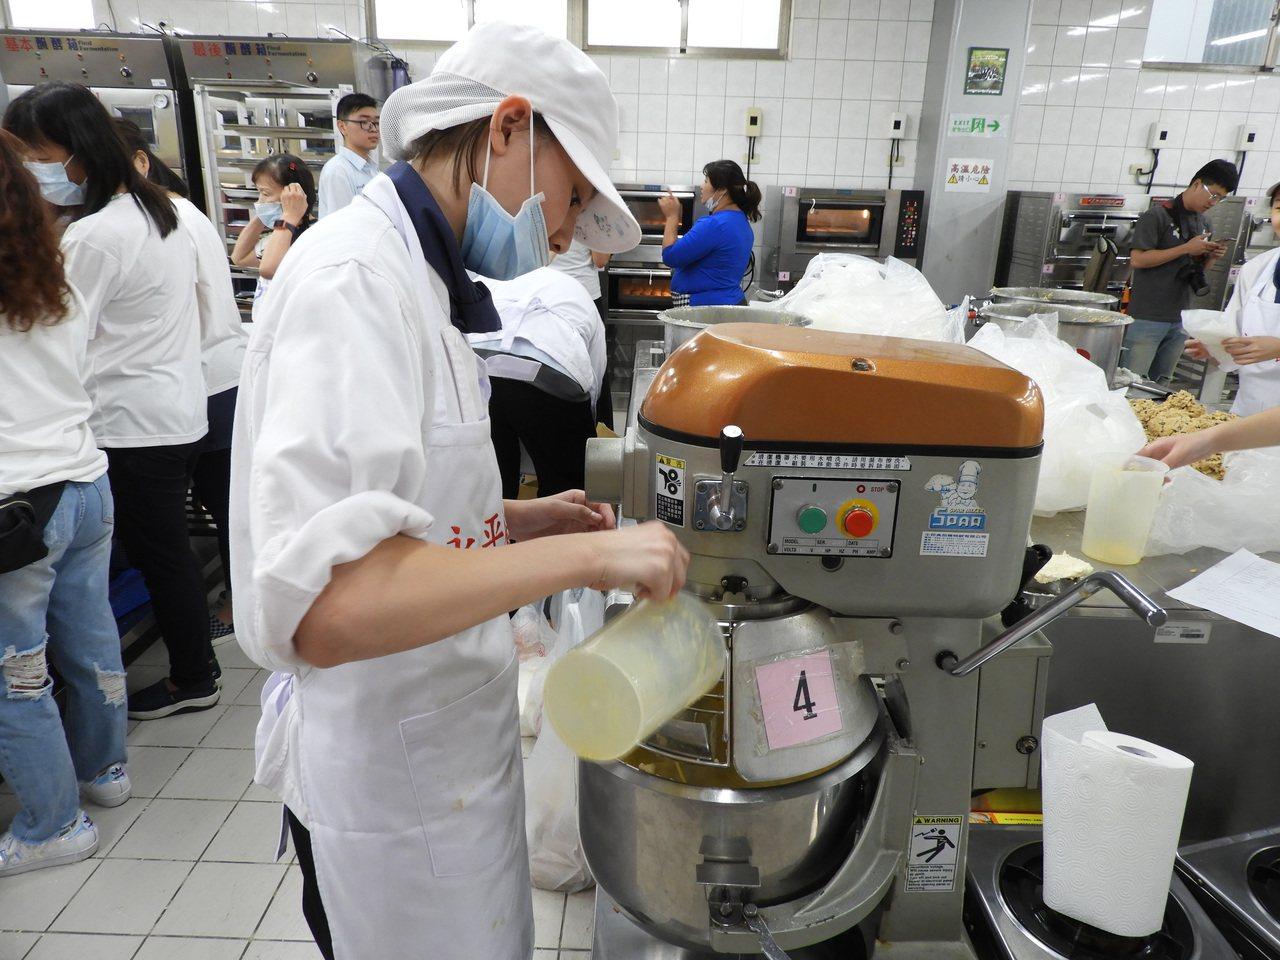 永平工商認同善舉,一口答應提供烘焙設備,及免費借用兩天烘焙教室,還請來烘焙科的學...